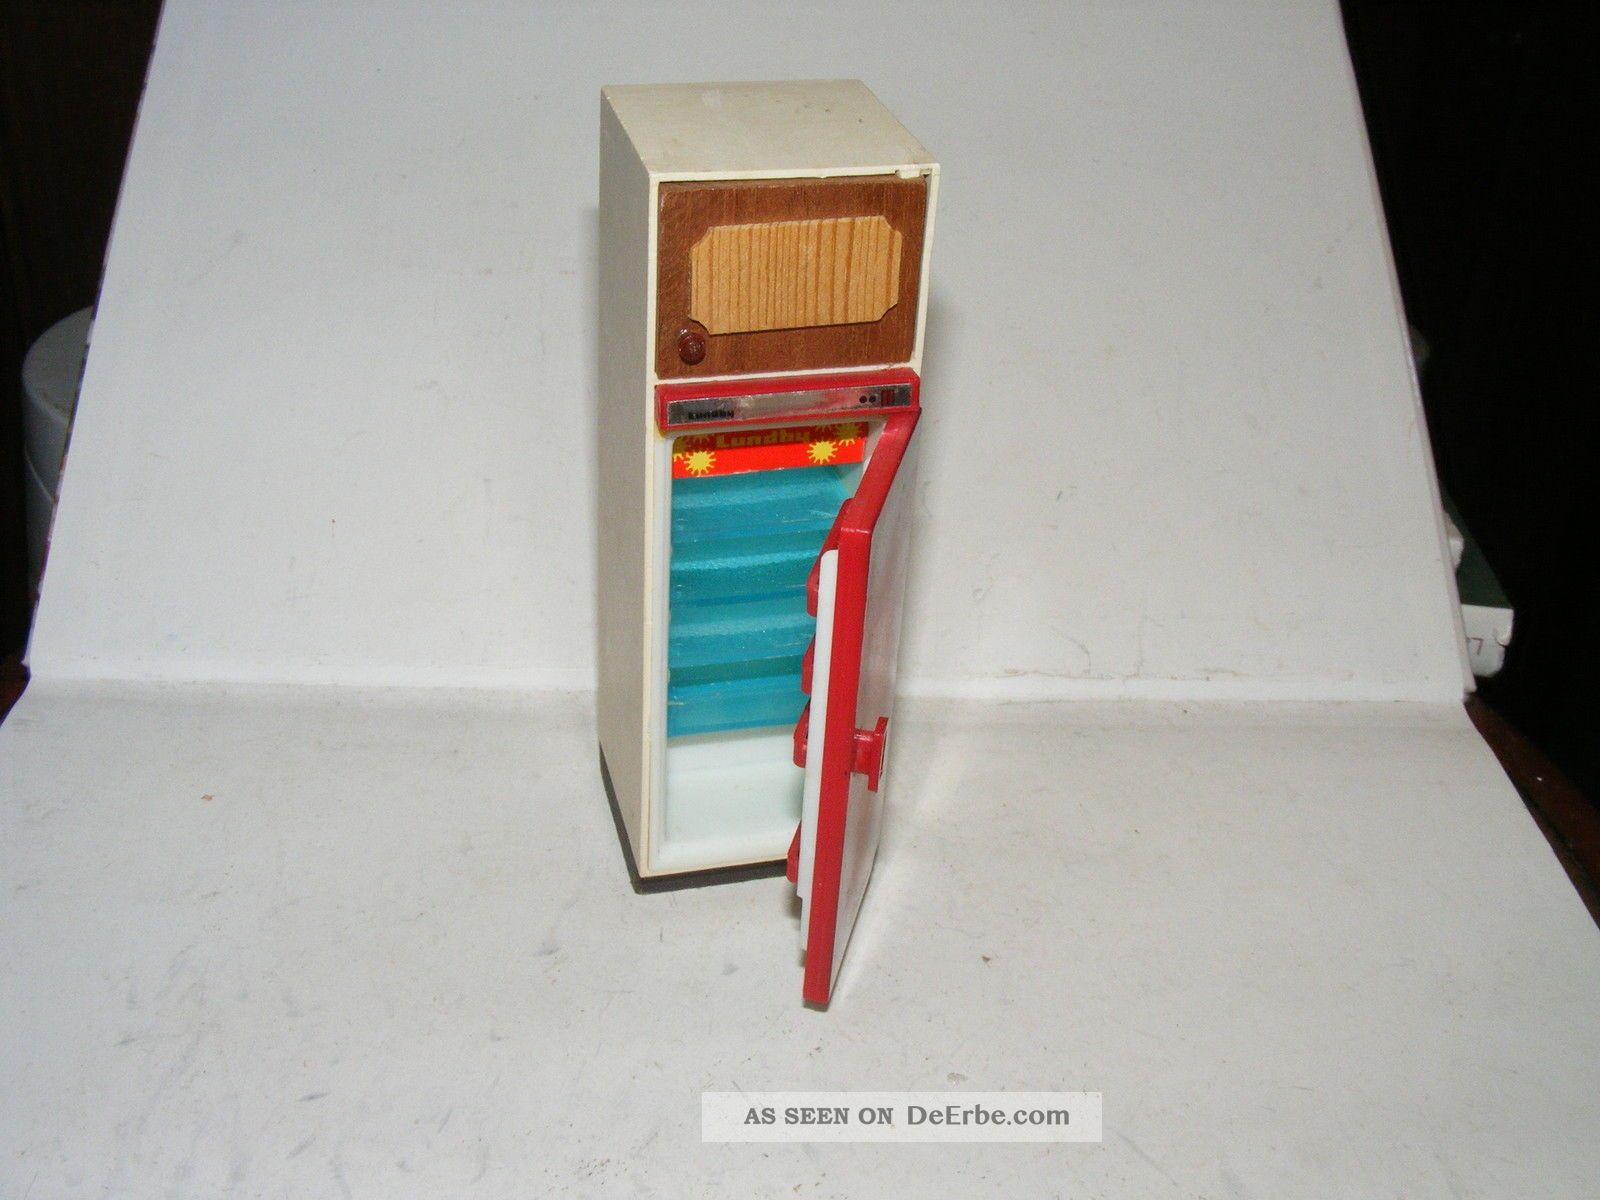 Kühlschrank Puppenhaus : Puppenhaus aus holz aldi süd